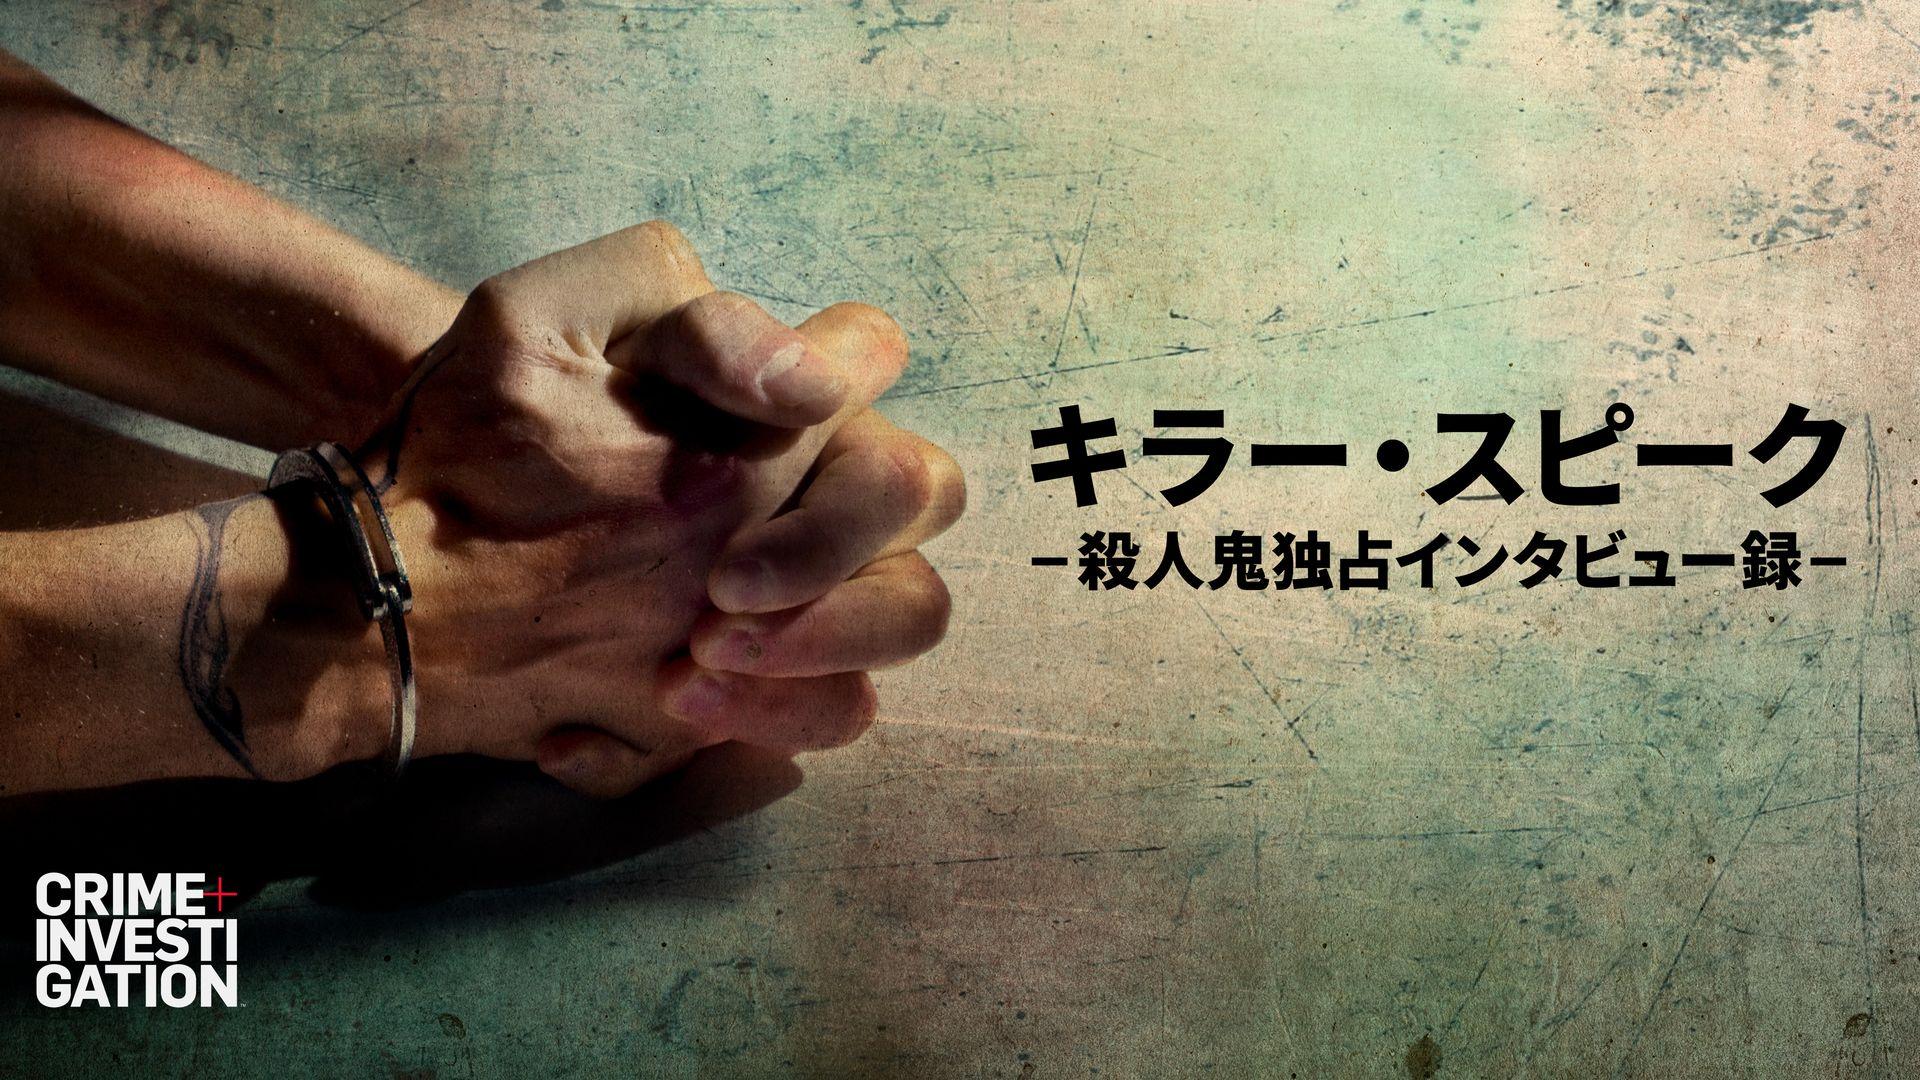 キラー・スピーク -殺人鬼独占インタビュー録-